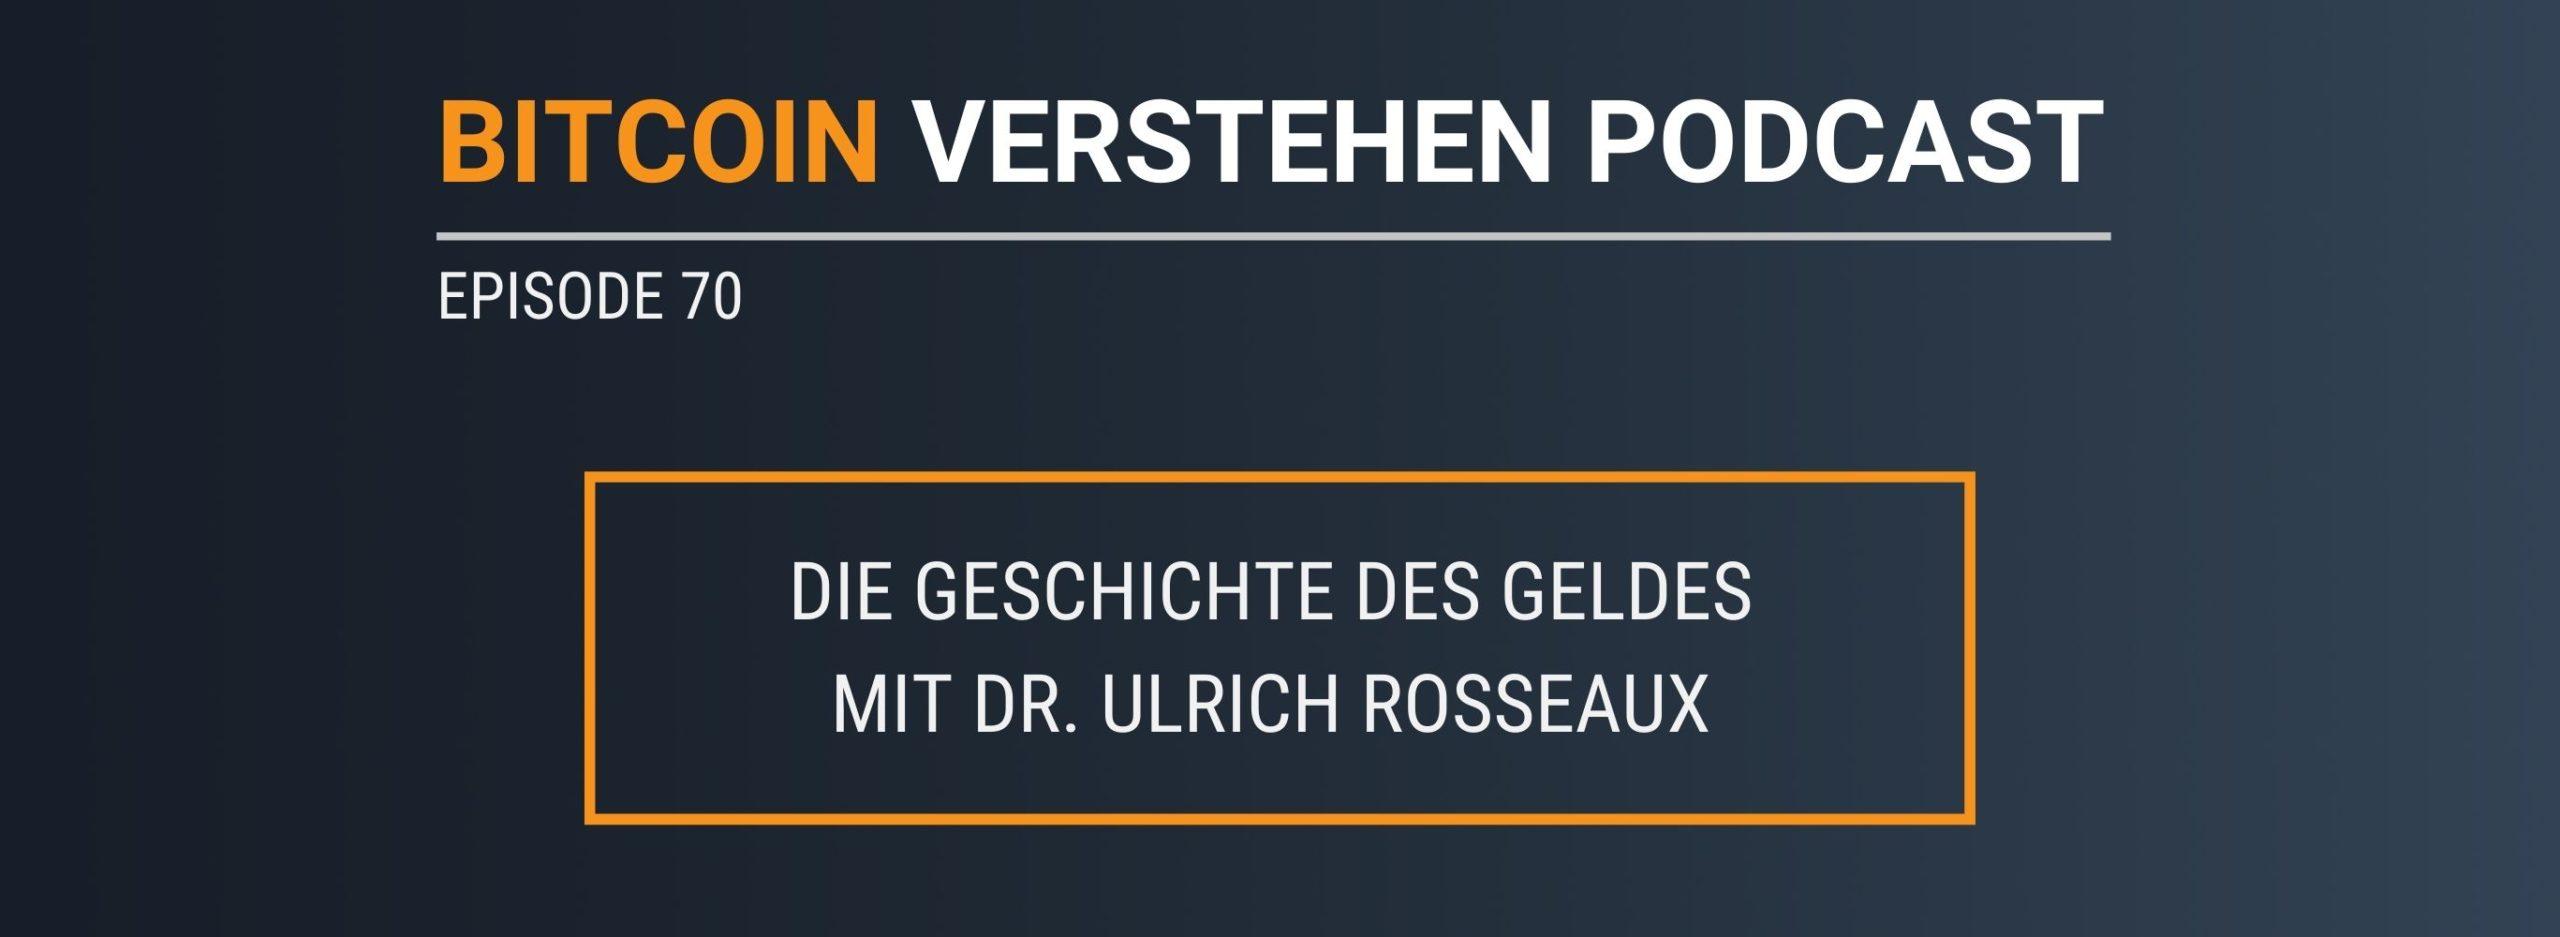 Episode 70 – Die Geschichte des Geldes mit Dr. Ulrich Rosseaux